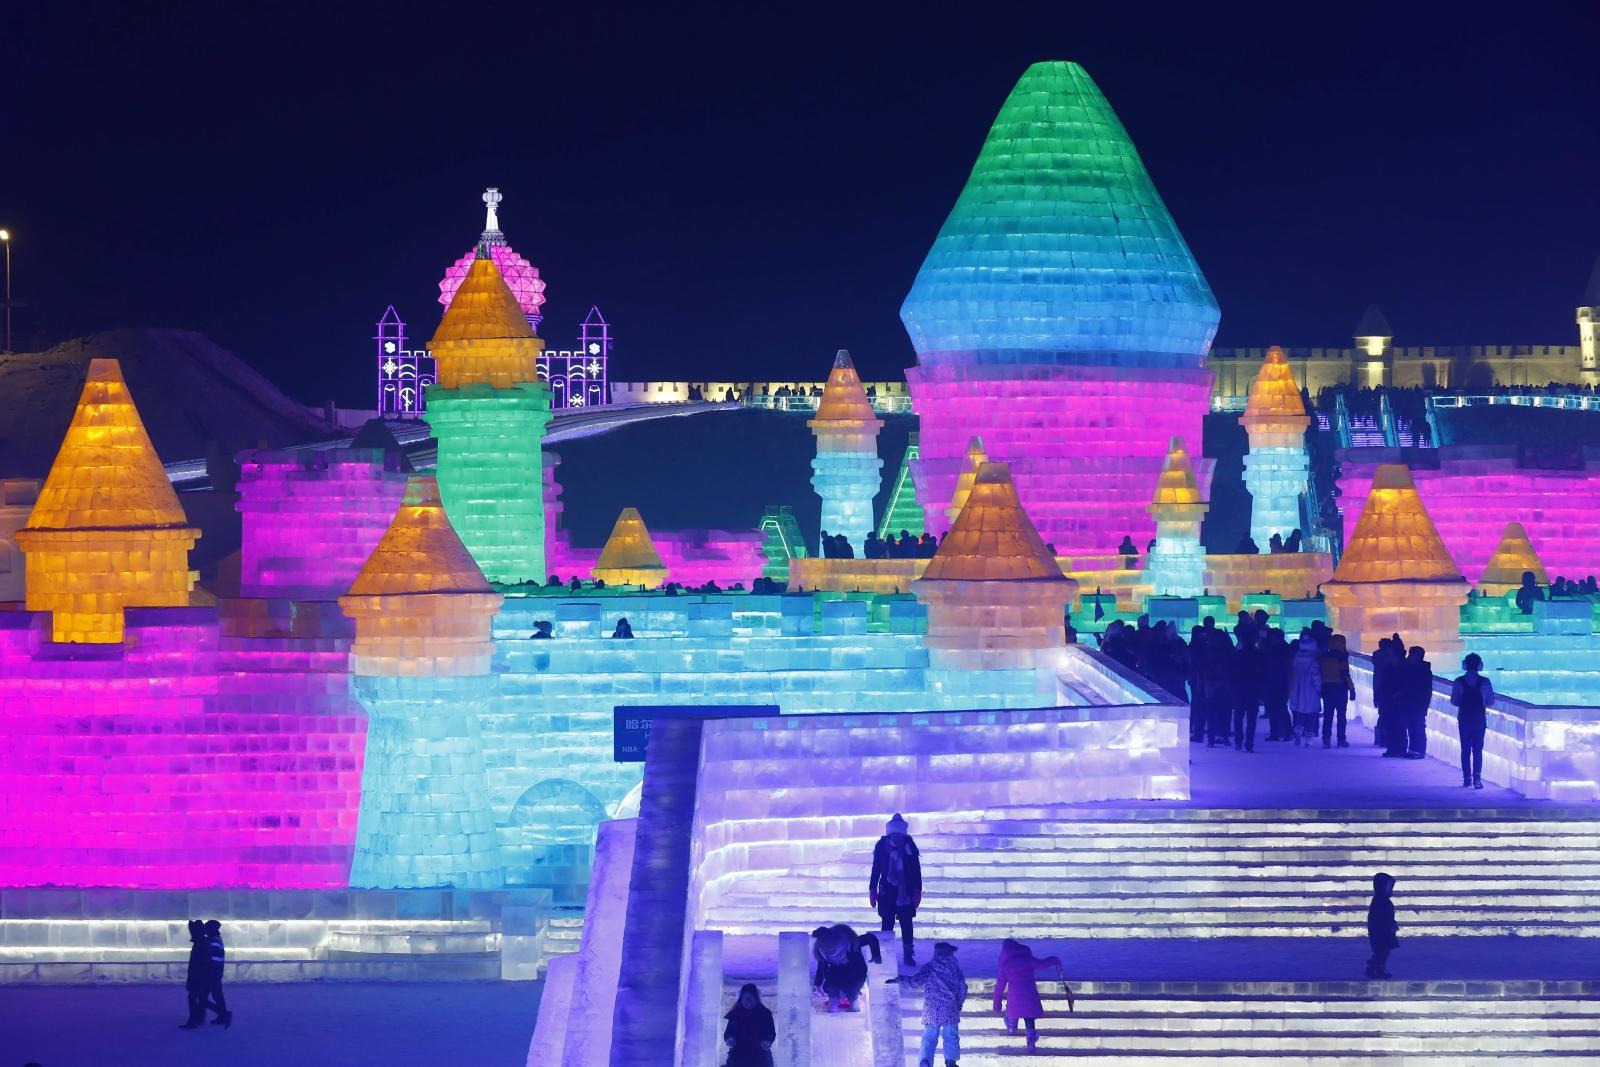 33 Międzynarodowy Festiwal Lodu i Śniegu w mieście Harbin w Chinach. Fot. PAP/EPA/WU HONG